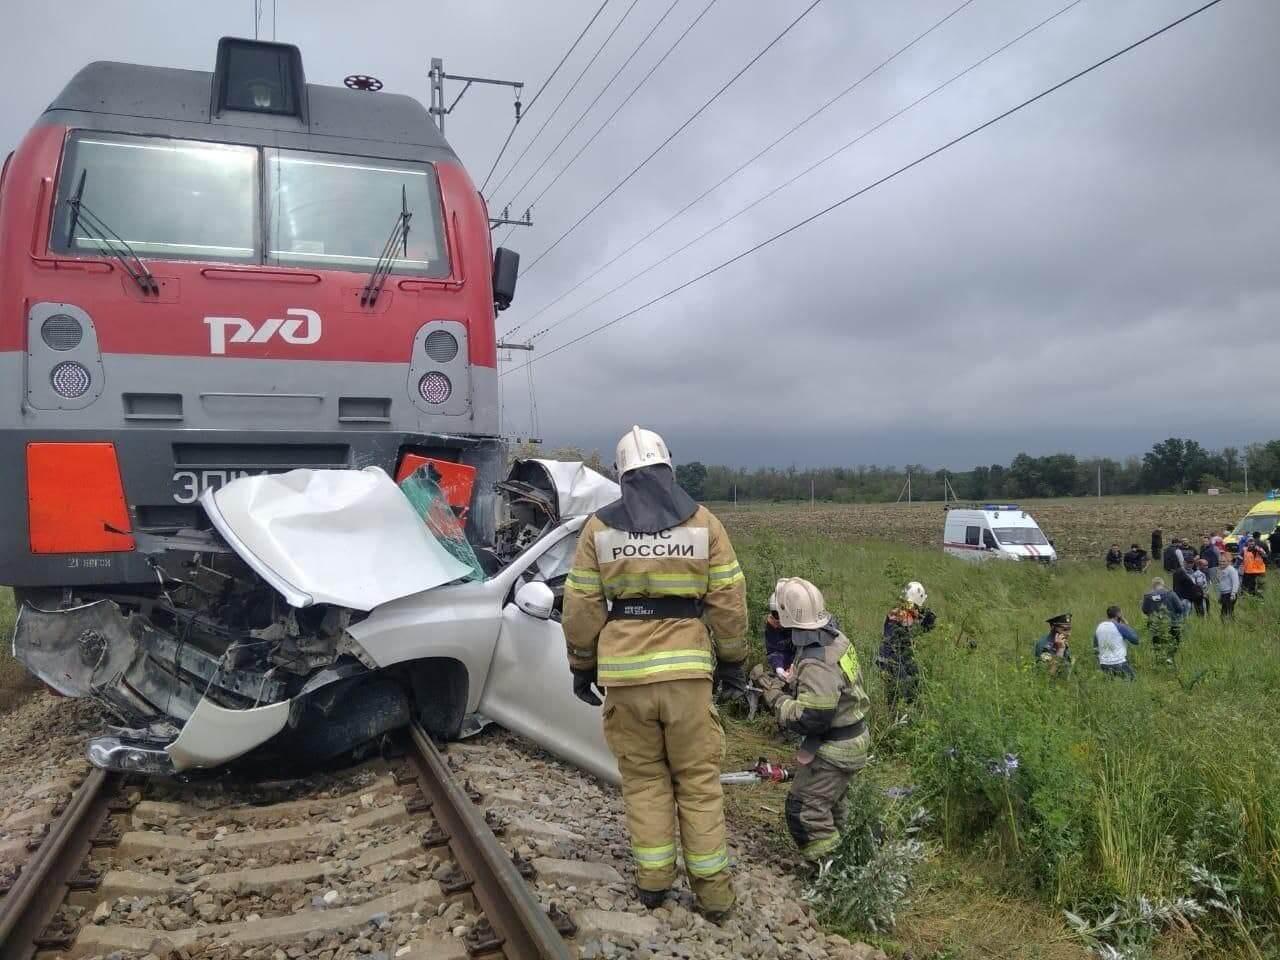 В Анапе поезд на переезде протаранил легковушку, два человека погибли